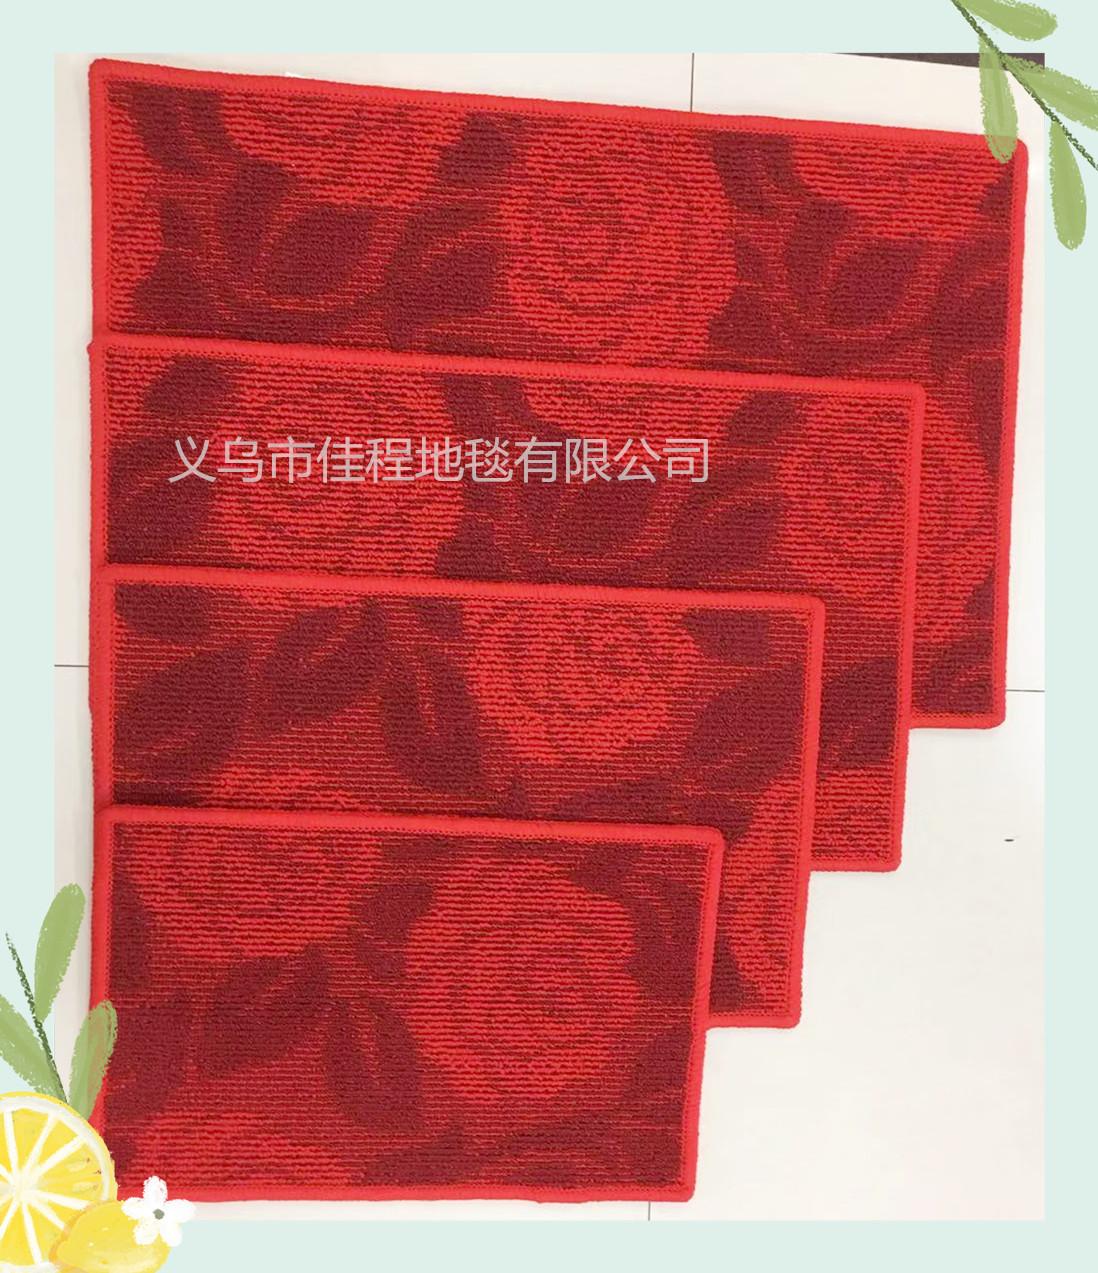 红色夏葵地垫 防滑提花地垫红色丙纶垫 吸水脚垫门垫防滑丙纶脚垫